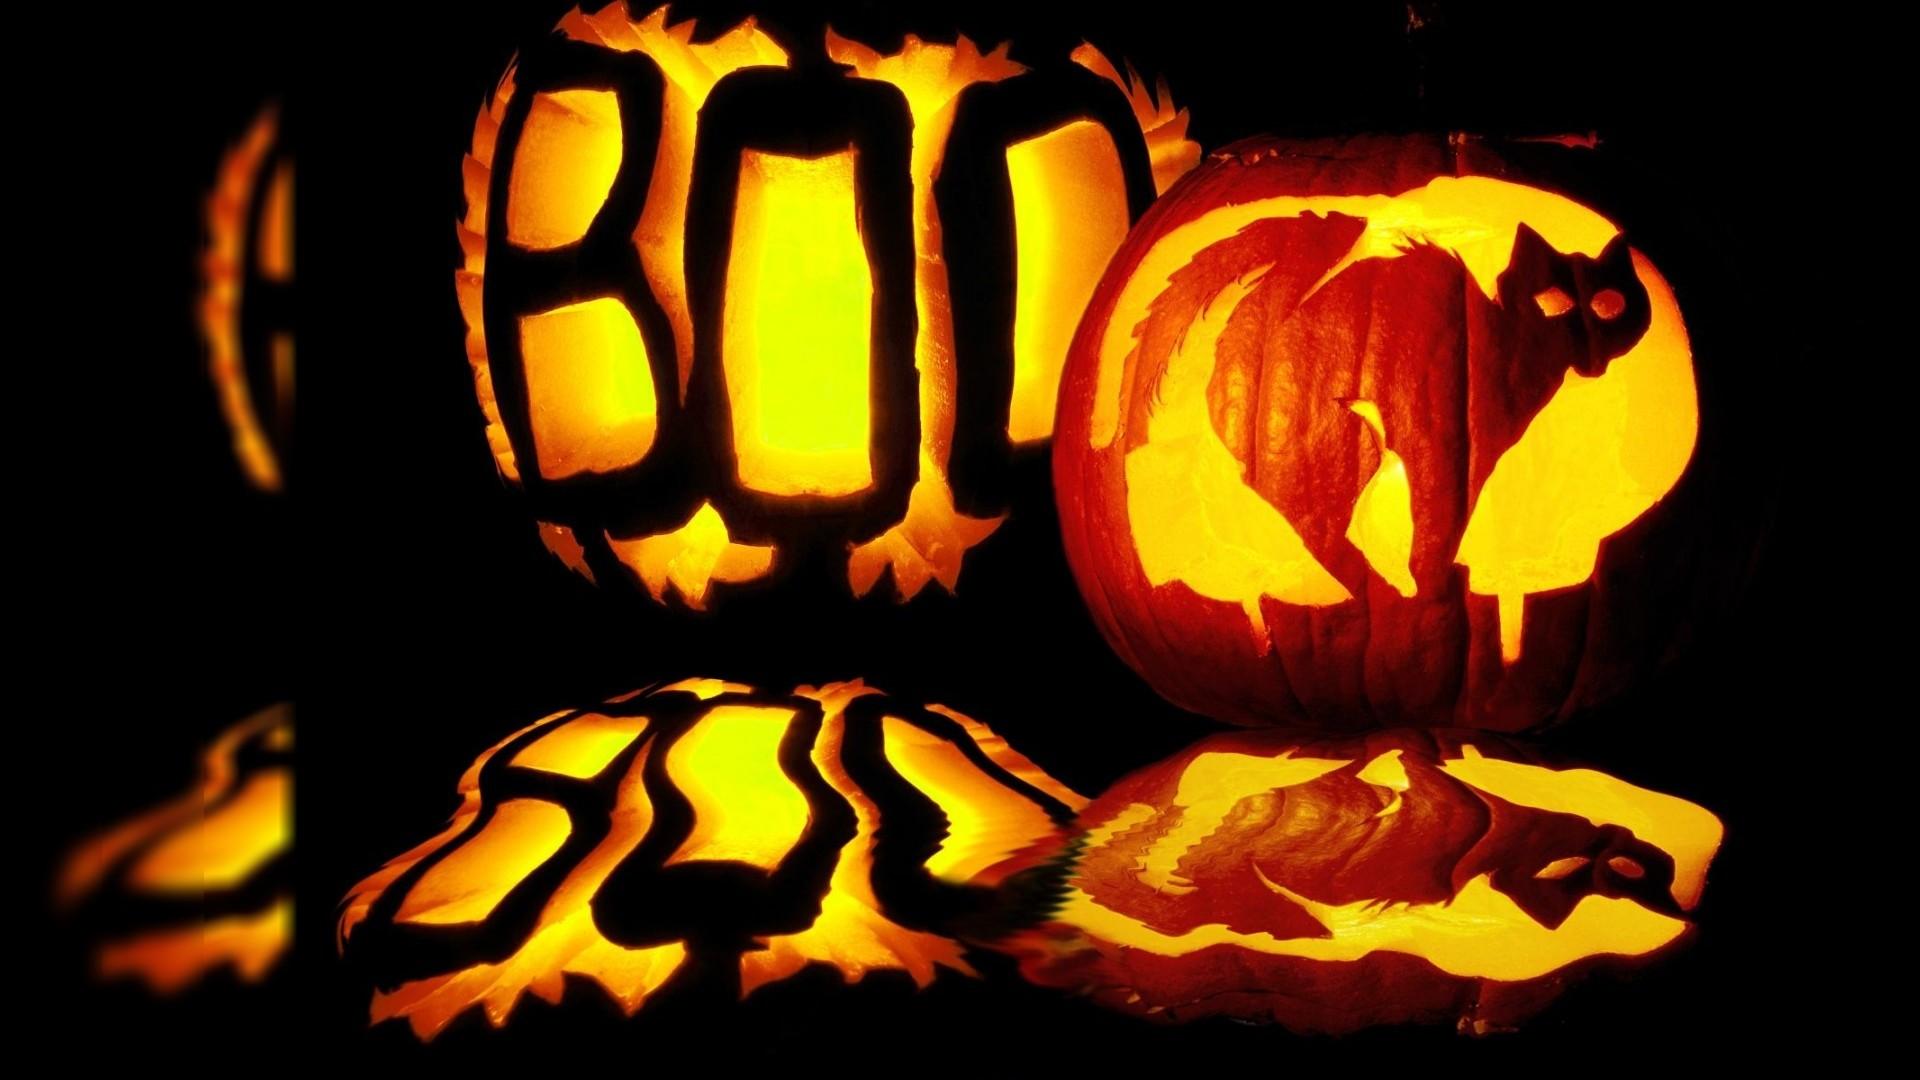 Halloween Desktop Wallpapers and Backgrounds – WallpaperSafari. Halloween  Desktop Wallpapers And Backgrounds WallpaperSafari